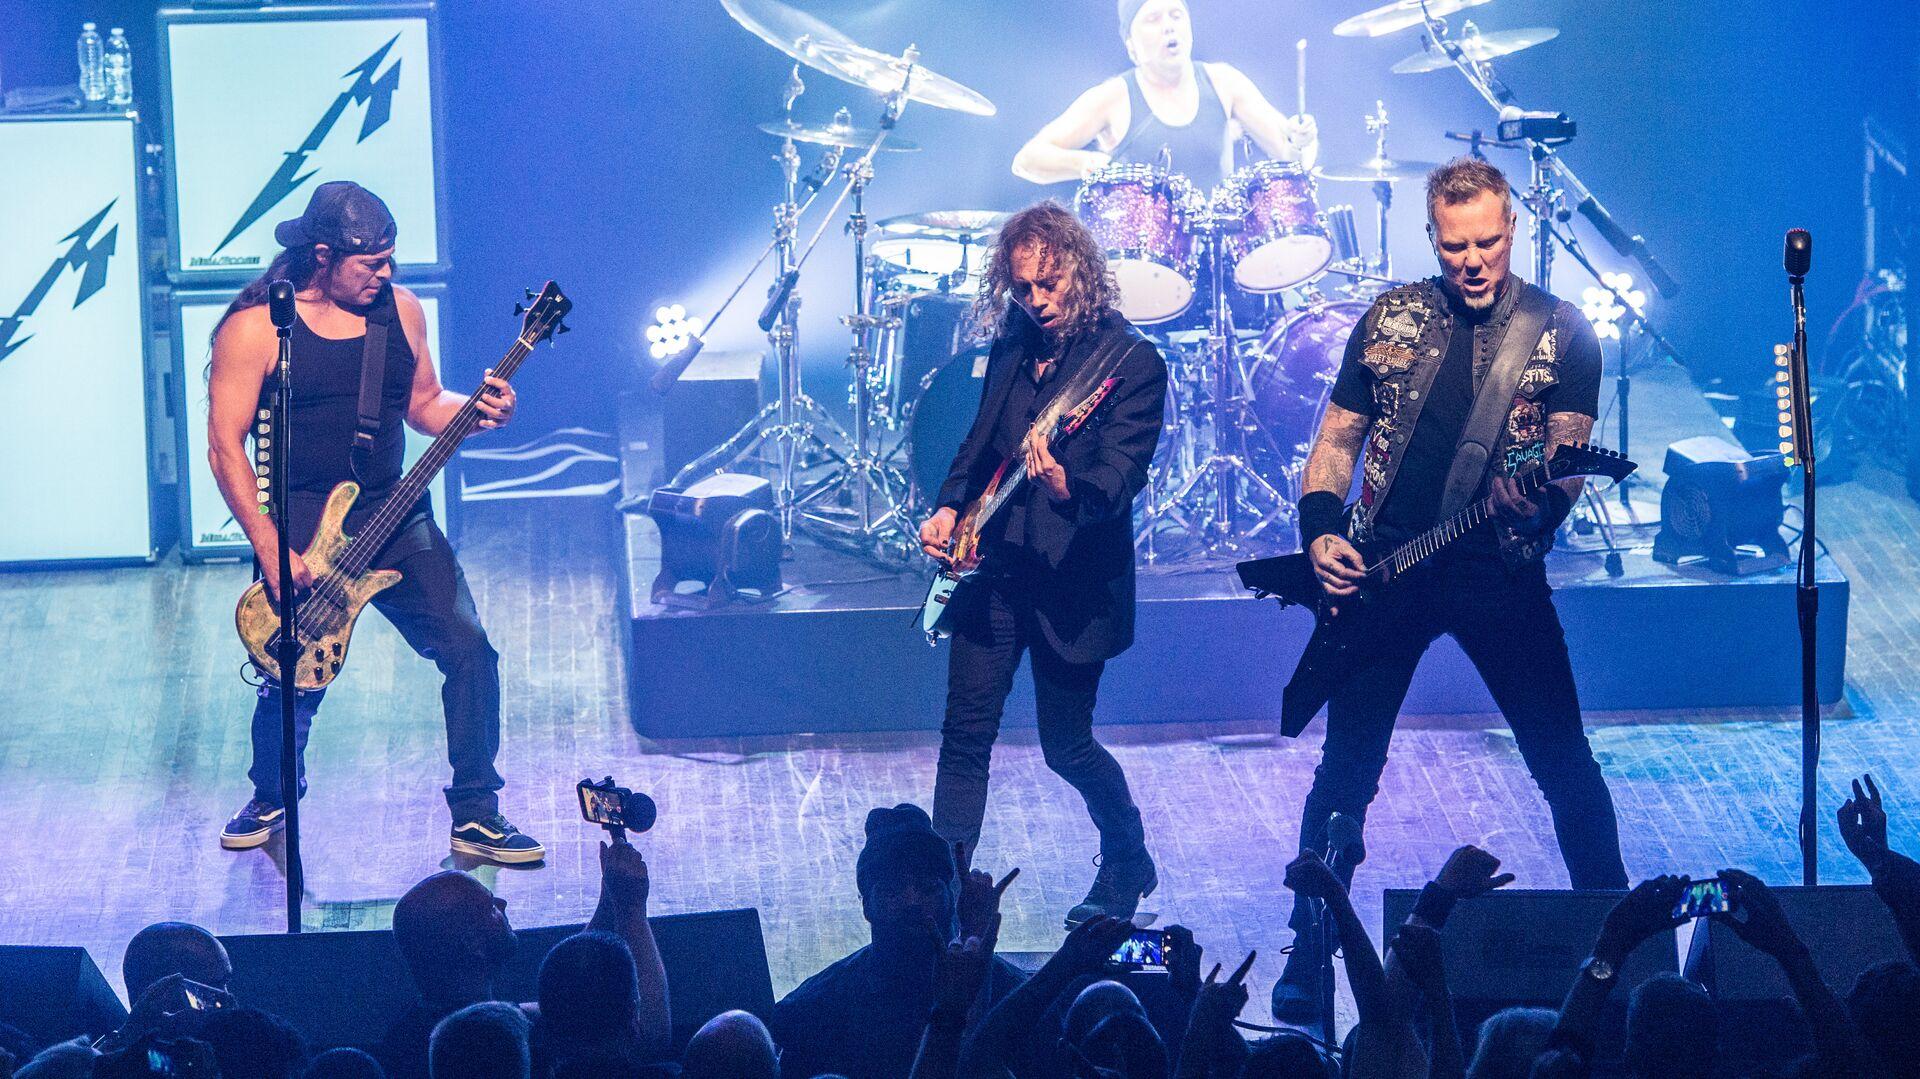 Участники группы Metallica Роберт Трухильо, Ларс Ульрих, Кирк Хэммет, и Джеймс Хэтфилд выступают в клубе Webster Hall в Нью-Йорке - РИА Новости, 1920, 25.11.2020